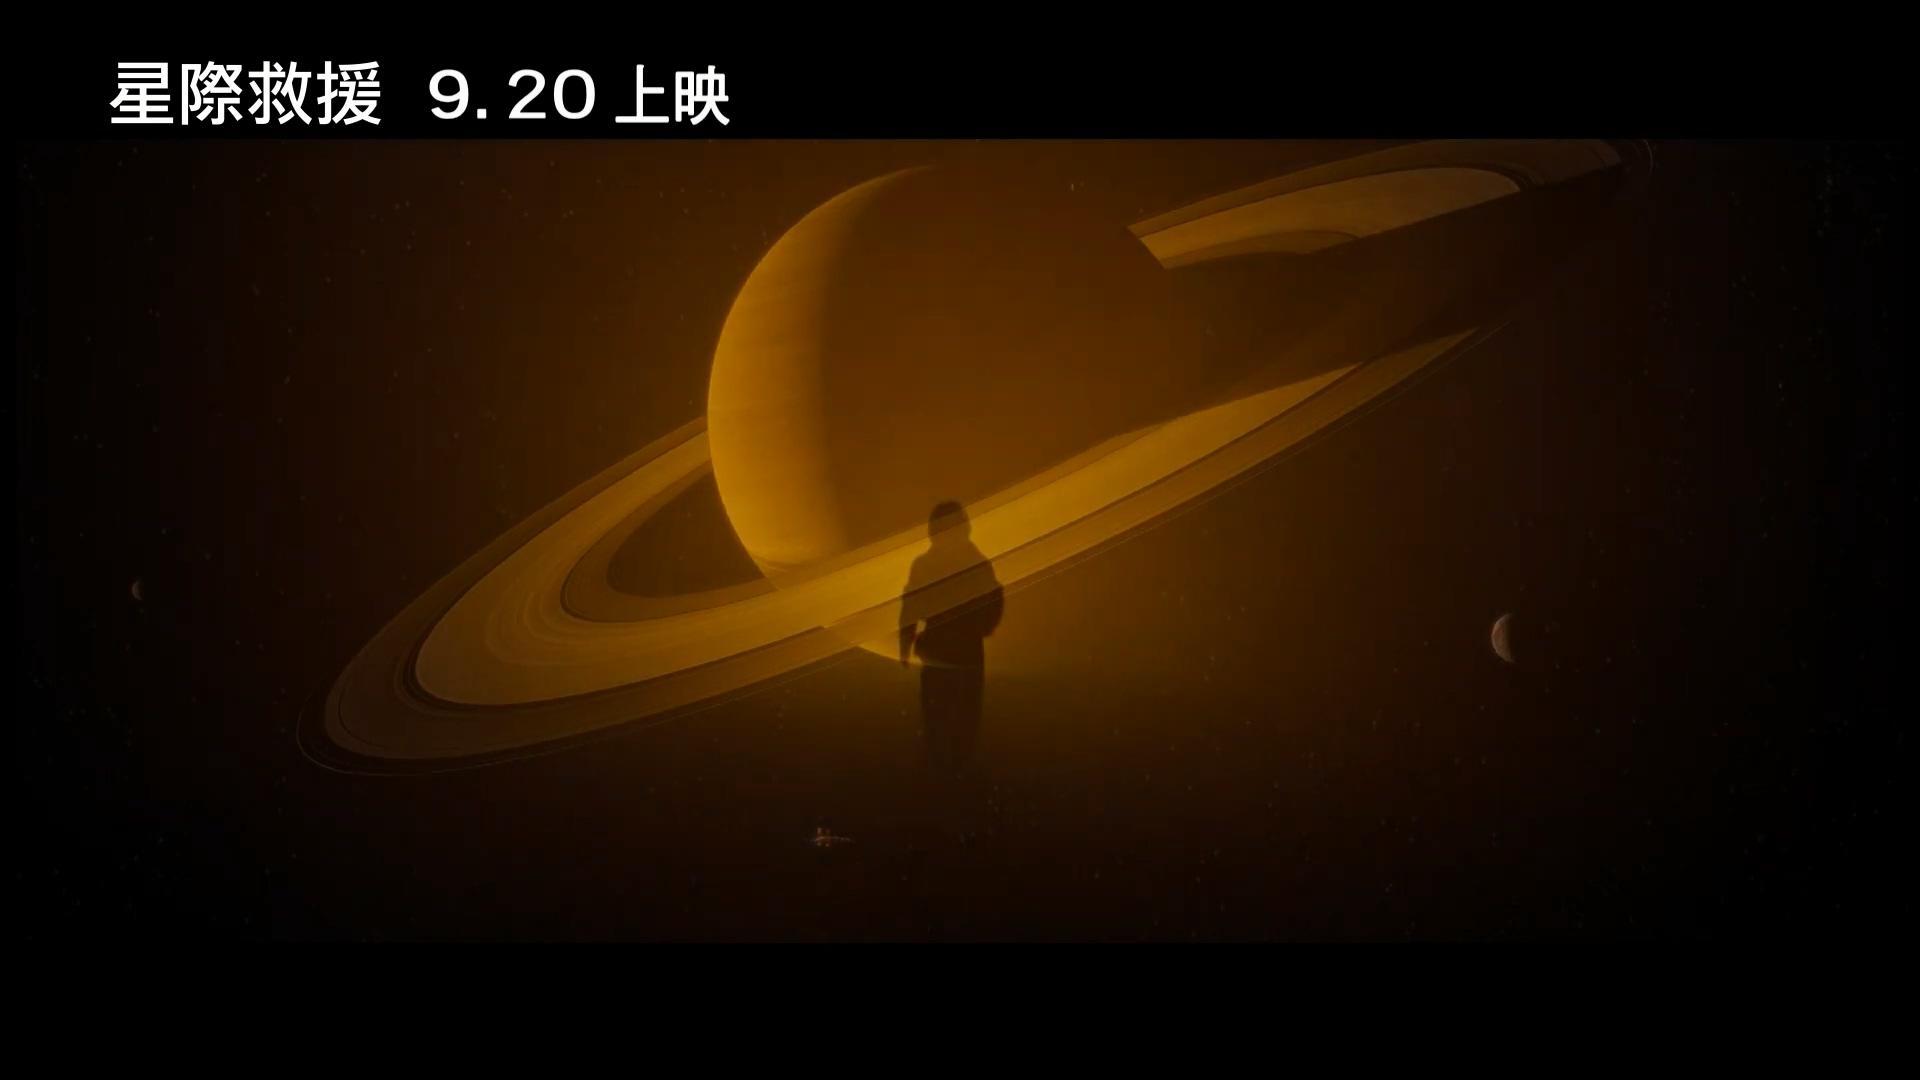 《星际探索》最新预告:布拉德·皮特外星生命解密之旅、寻父之旅